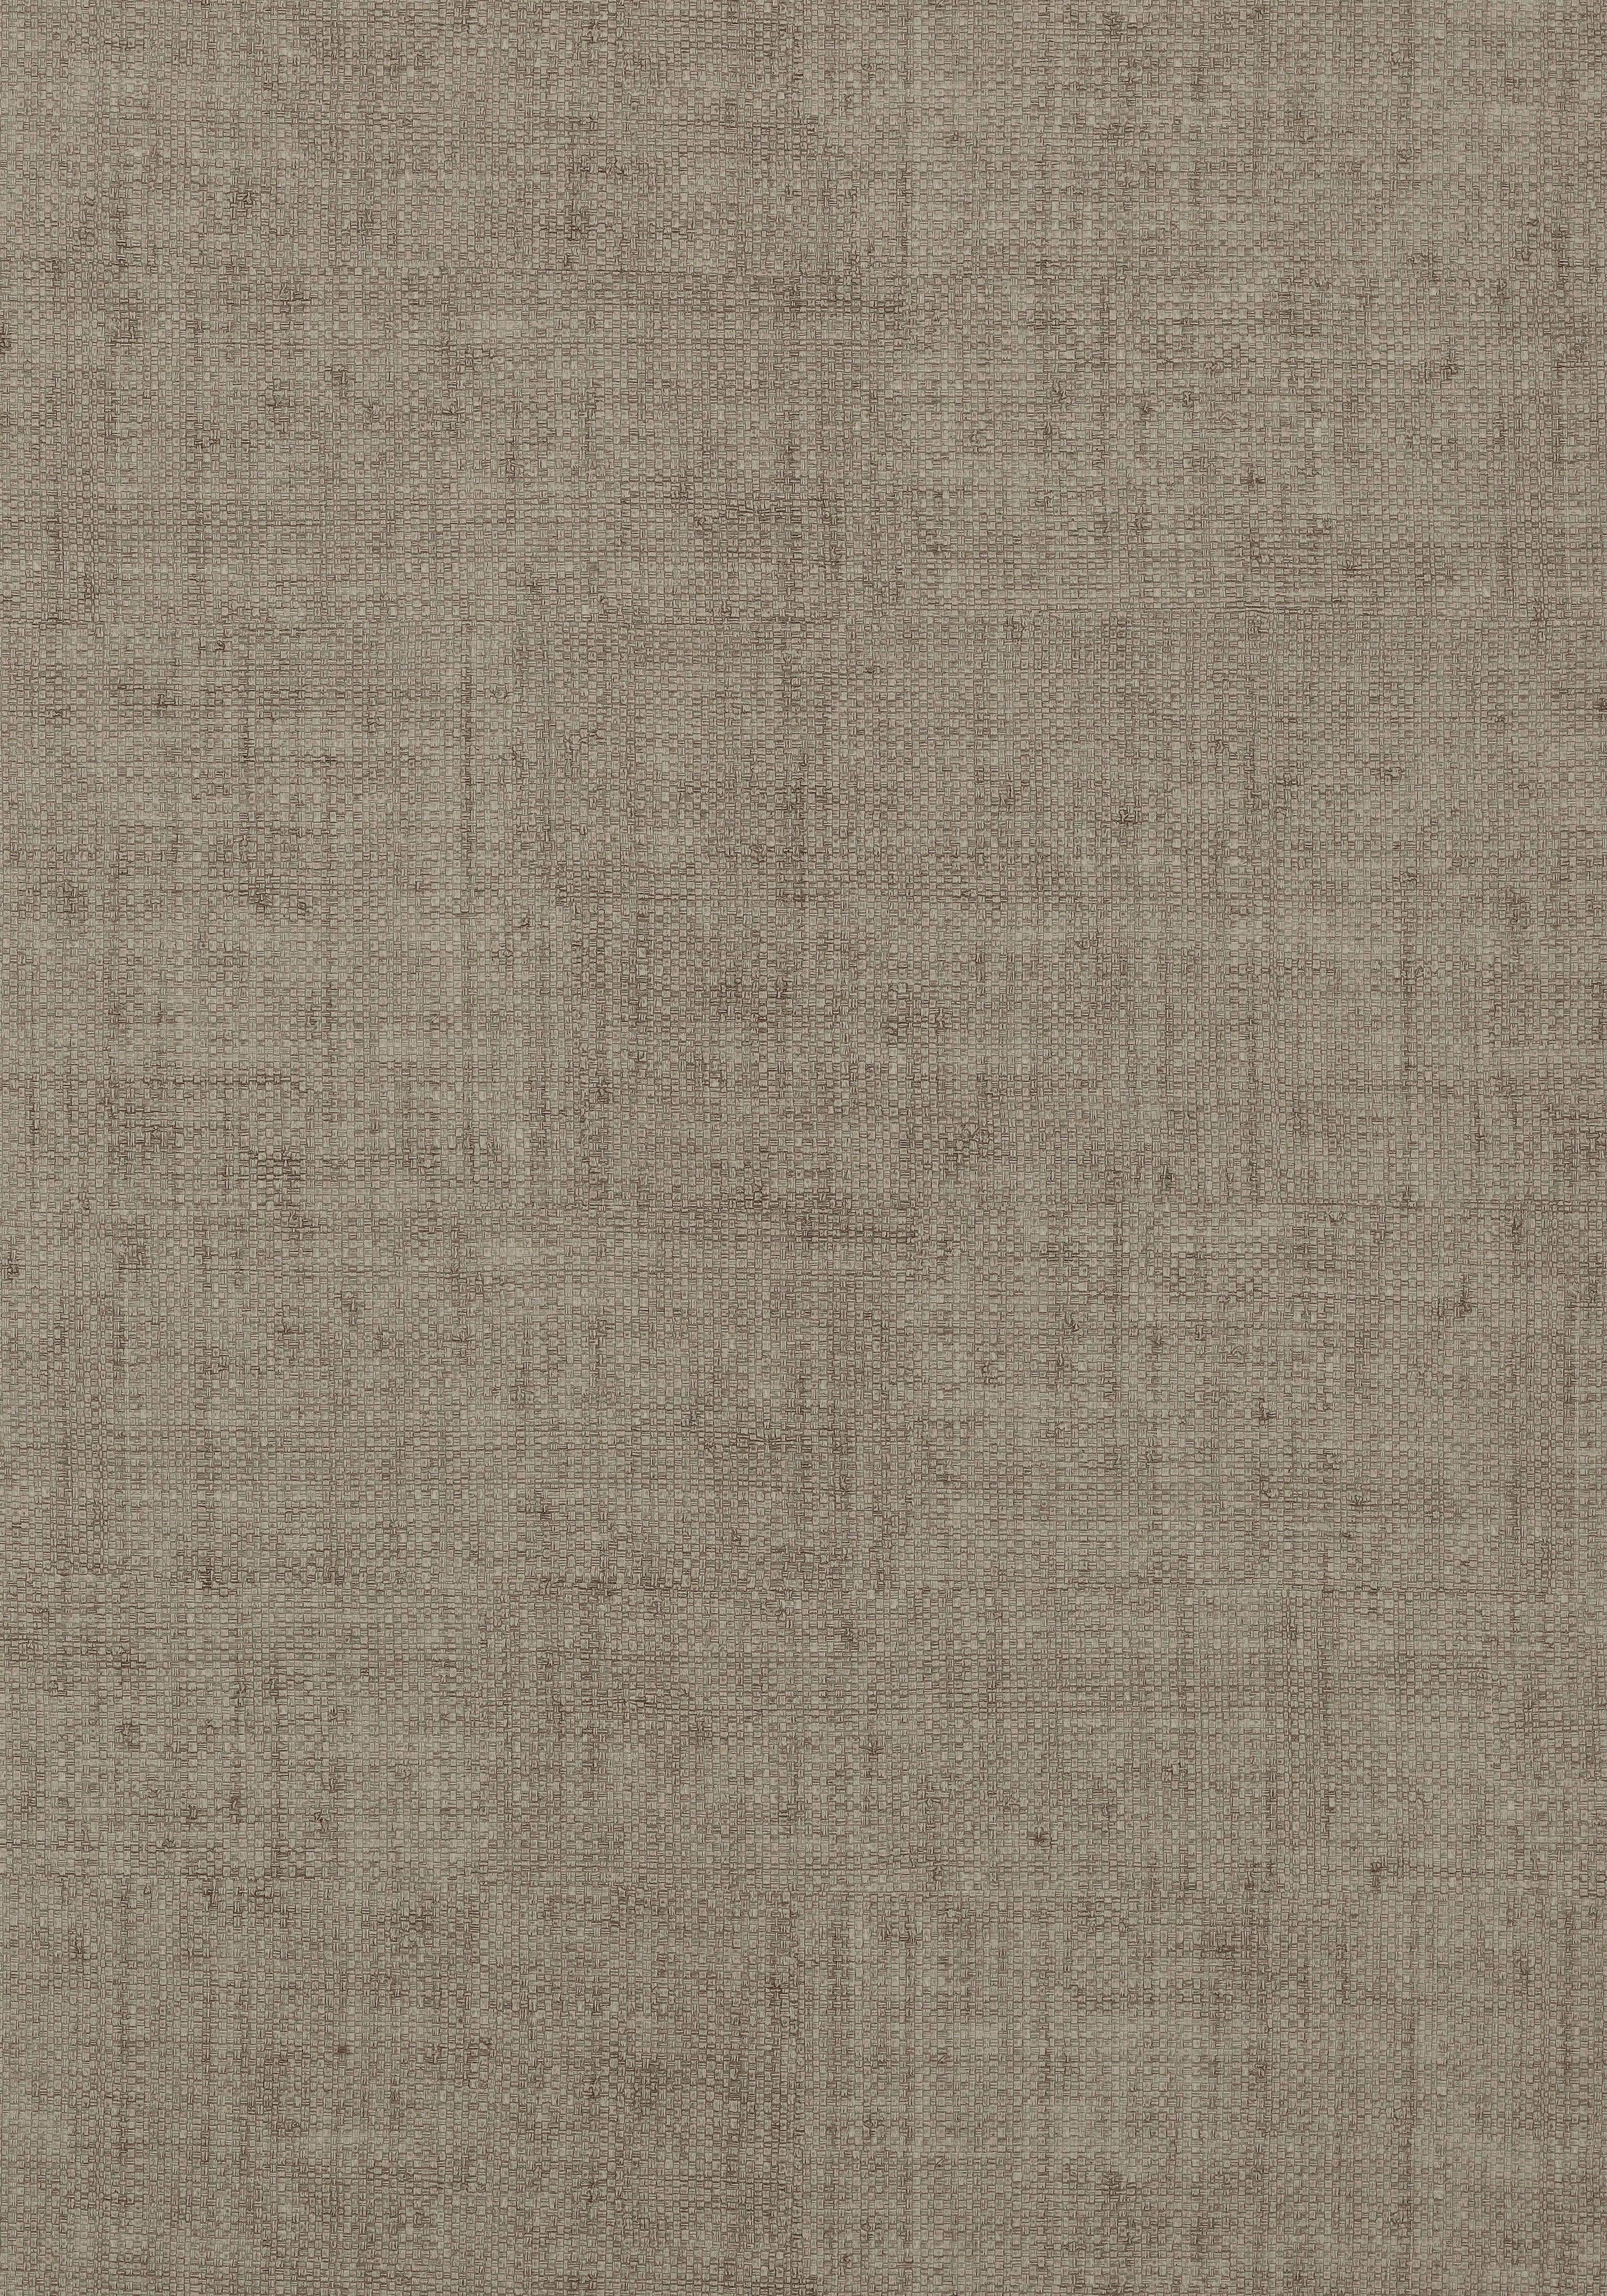 Bankun Raffia Dark Grey T14146 Collection Texture